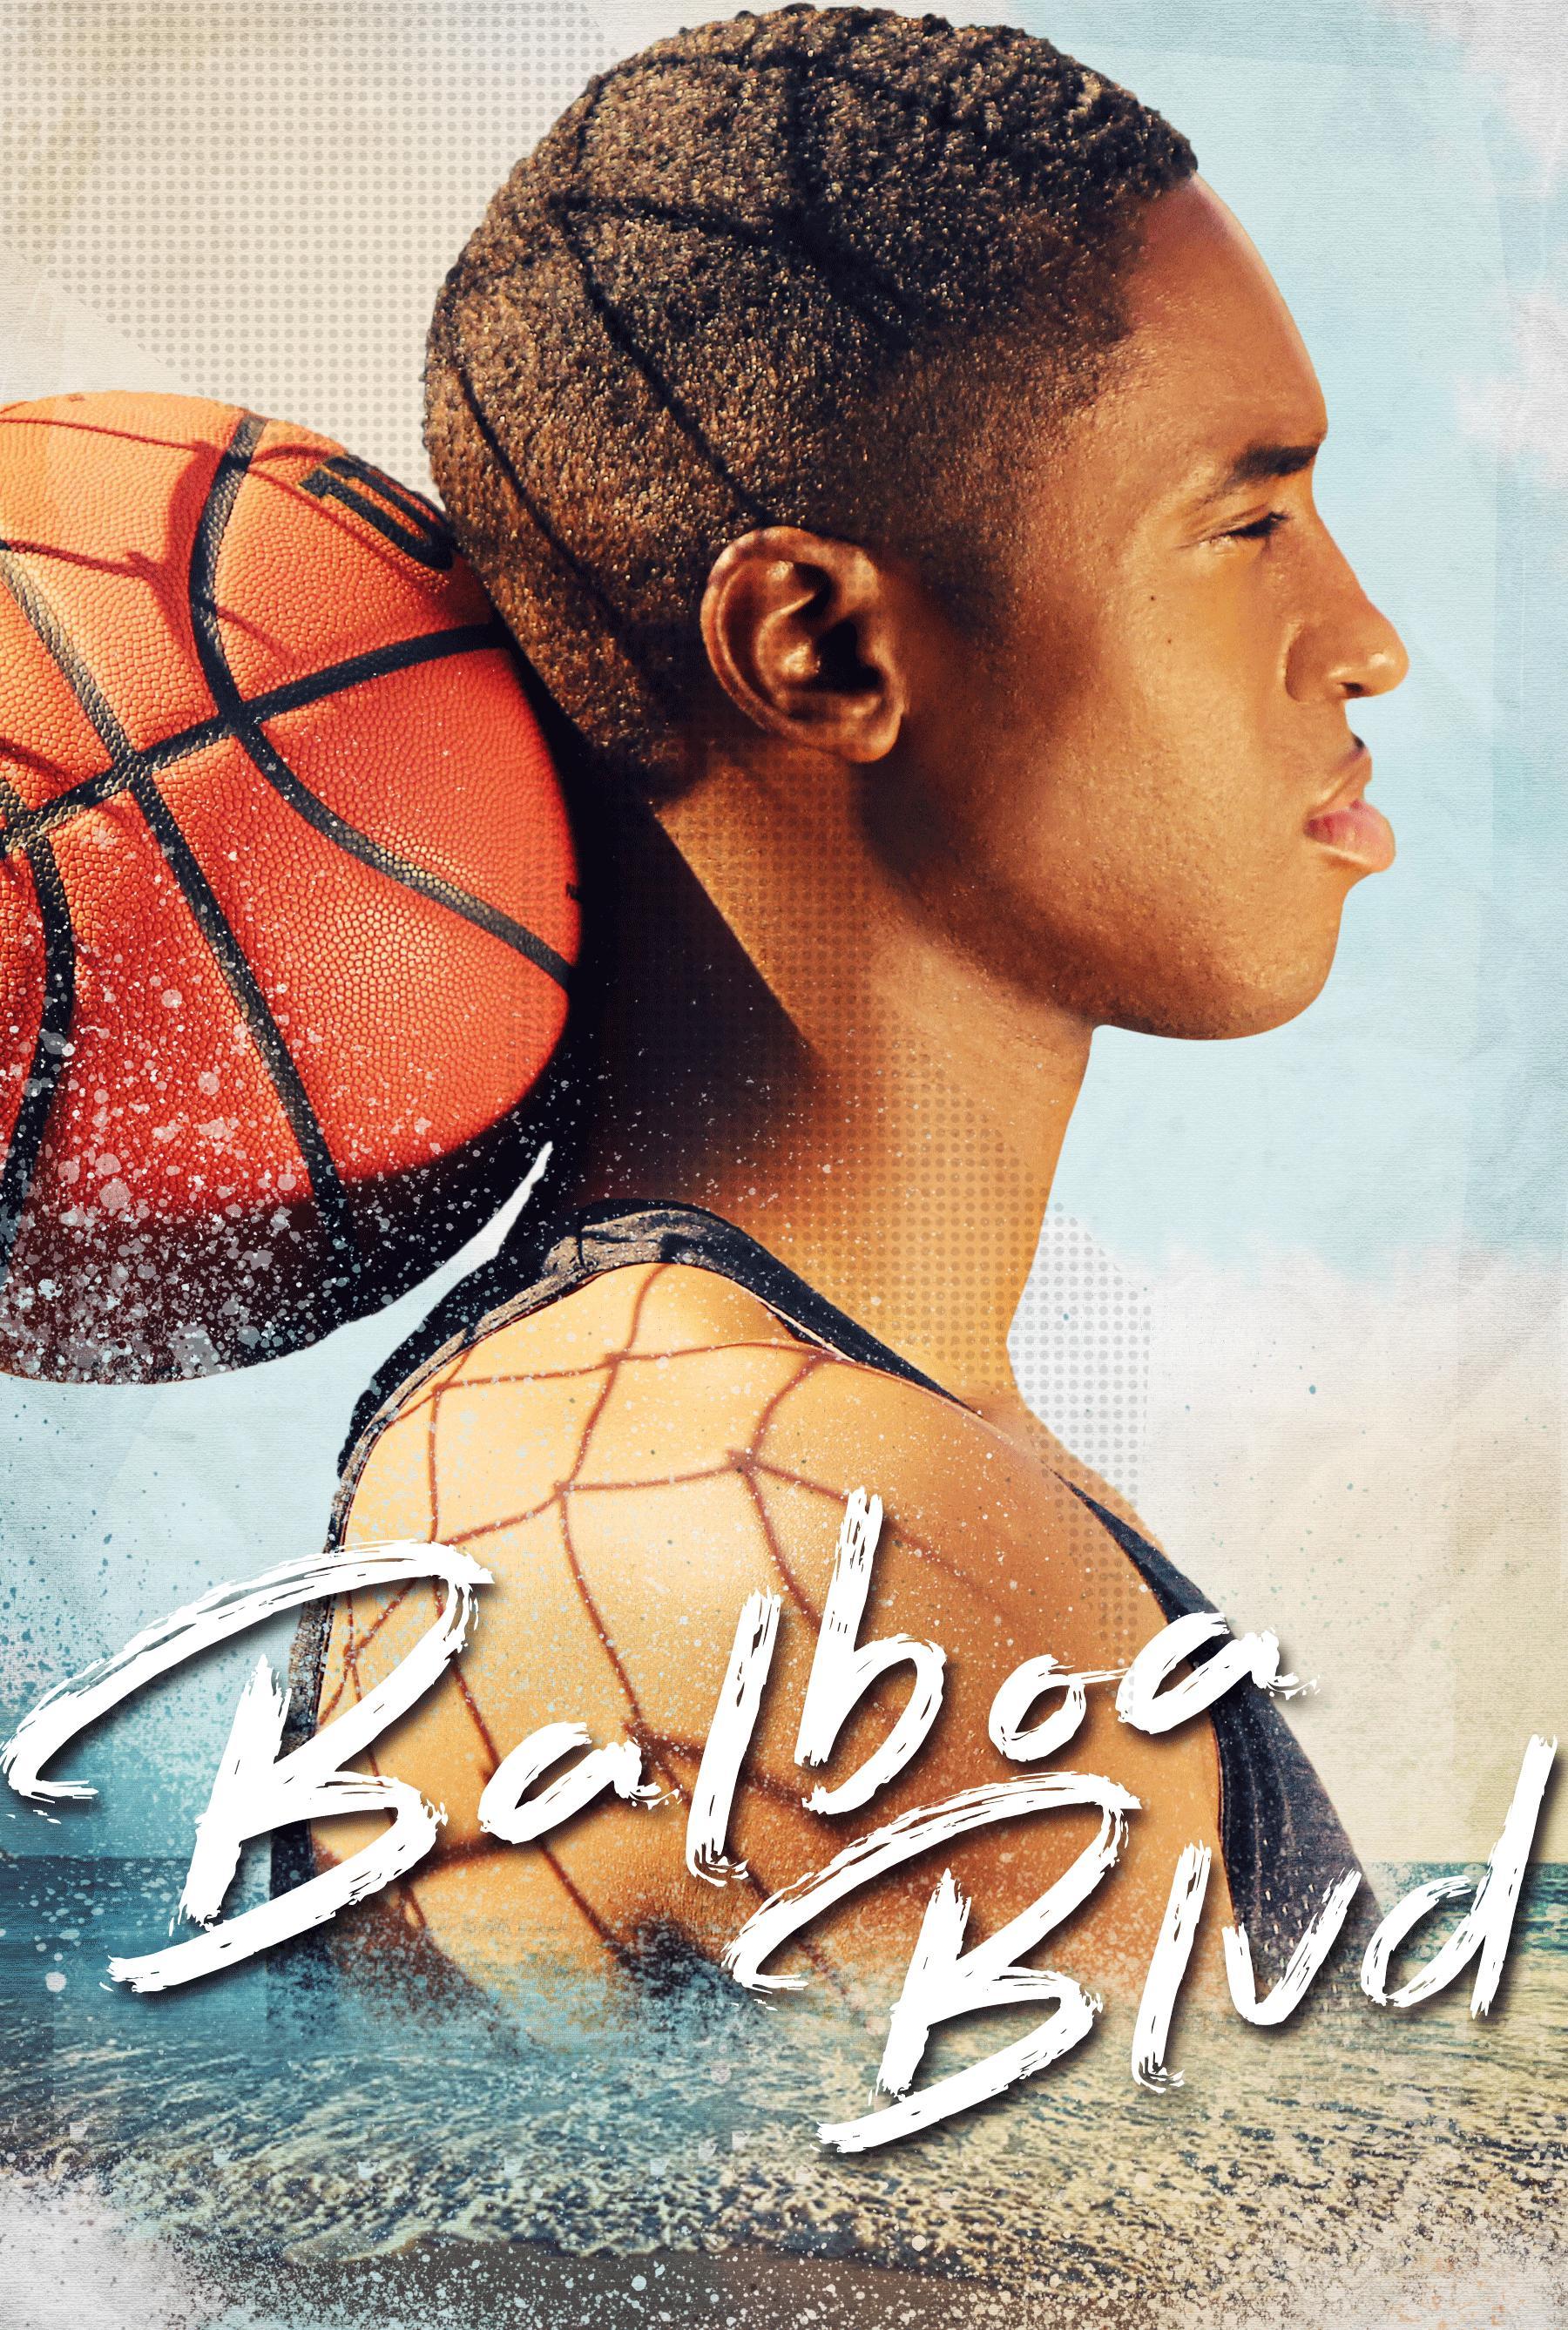 BALBOA BULVARAS (2019) / Balboa Blvd